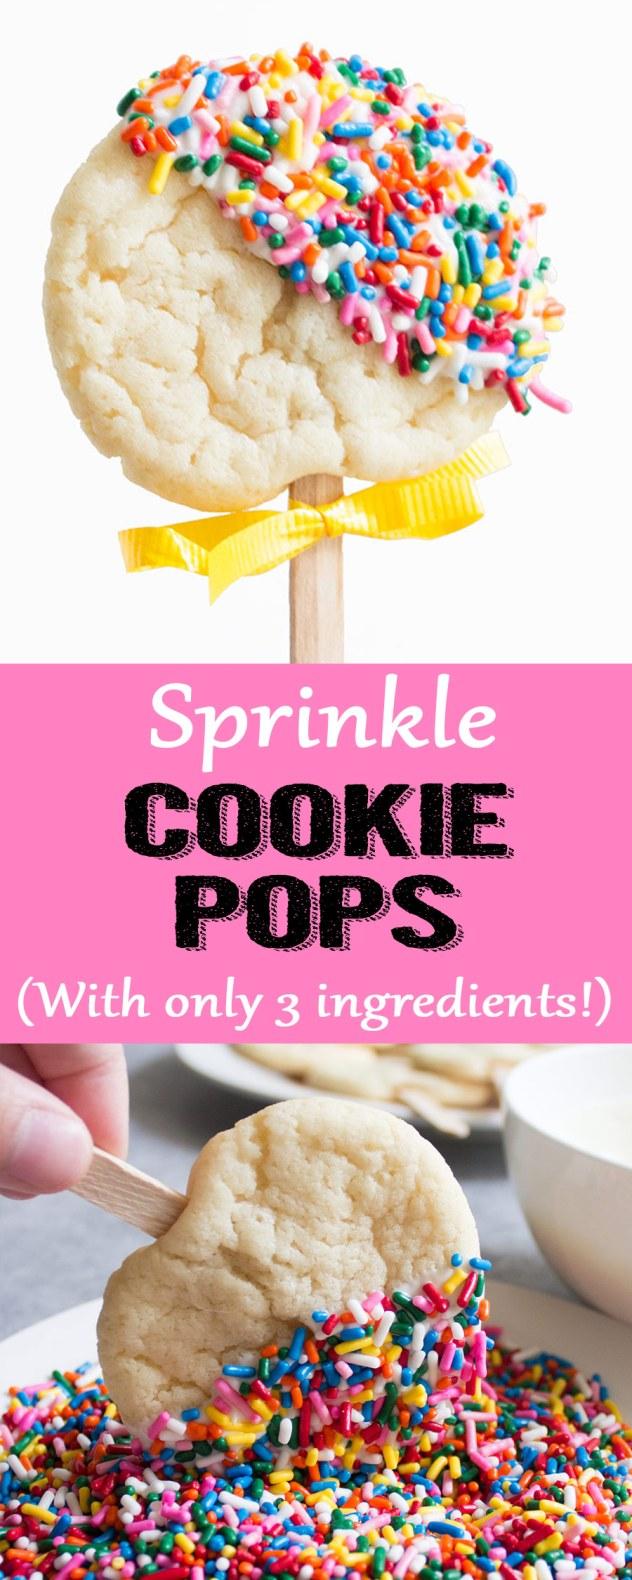 Cookie pop recipe, cookie pops, easy dessert, sprinkles, sugar cookies, sprinkle cookies, back to school, lunch box, lunch box treat,